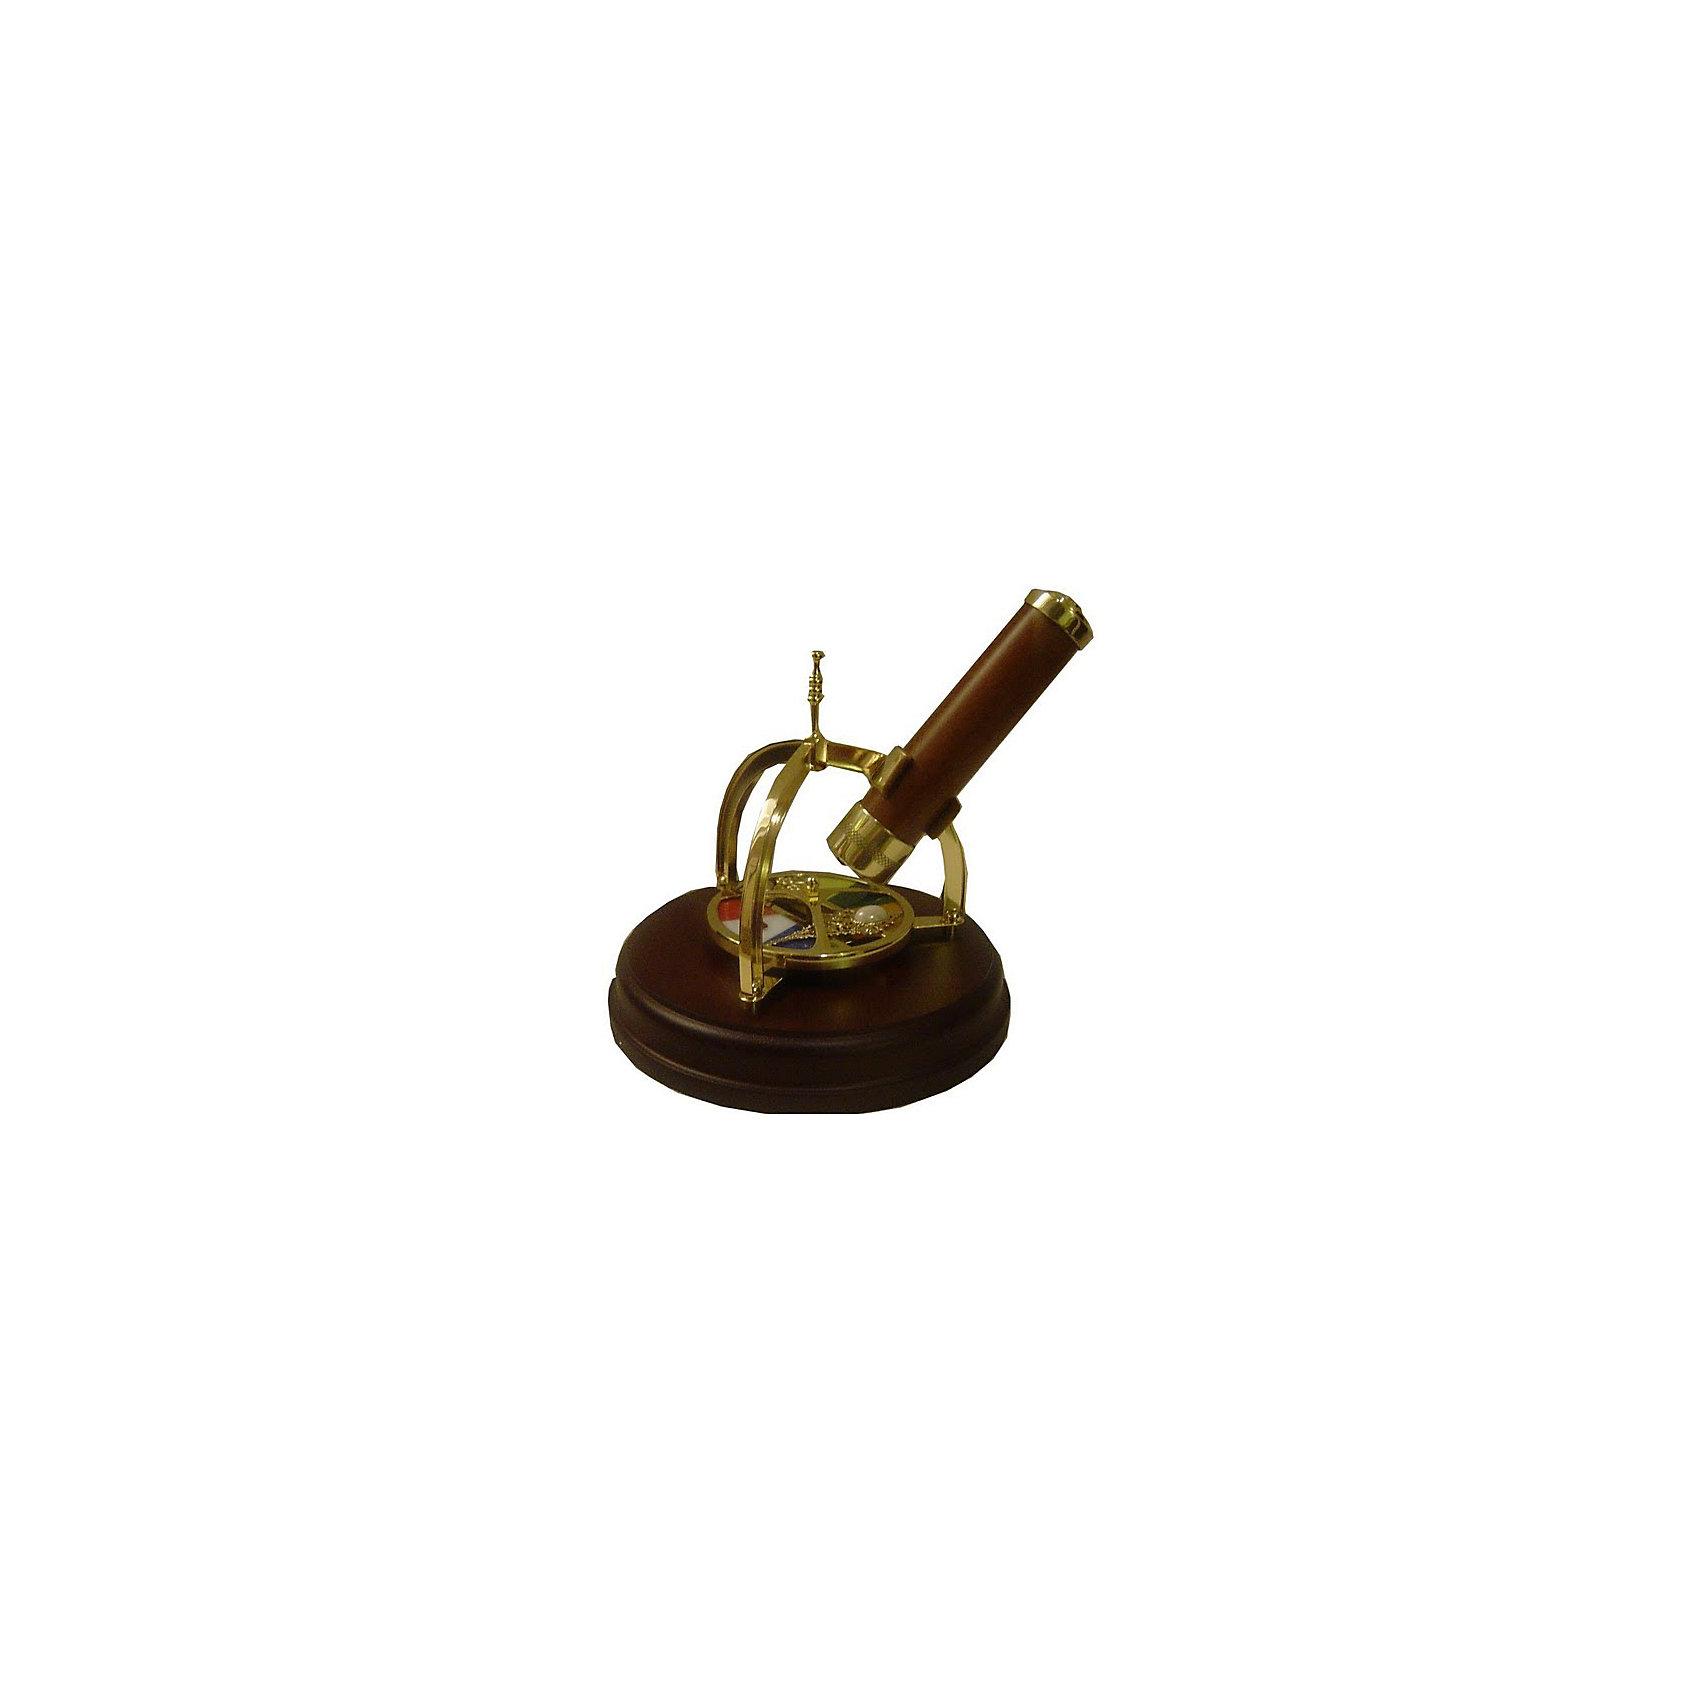 Калейдоскоп Музыкальный КоллекционныйИгрушки-антистресс<br><br><br>Ширина мм: 200<br>Глубина мм: 240<br>Высота мм: 270<br>Вес г: 1394<br>Возраст от месяцев: 36<br>Возраст до месяцев: 108<br>Пол: Унисекс<br>Возраст: Детский<br>SKU: 5124739